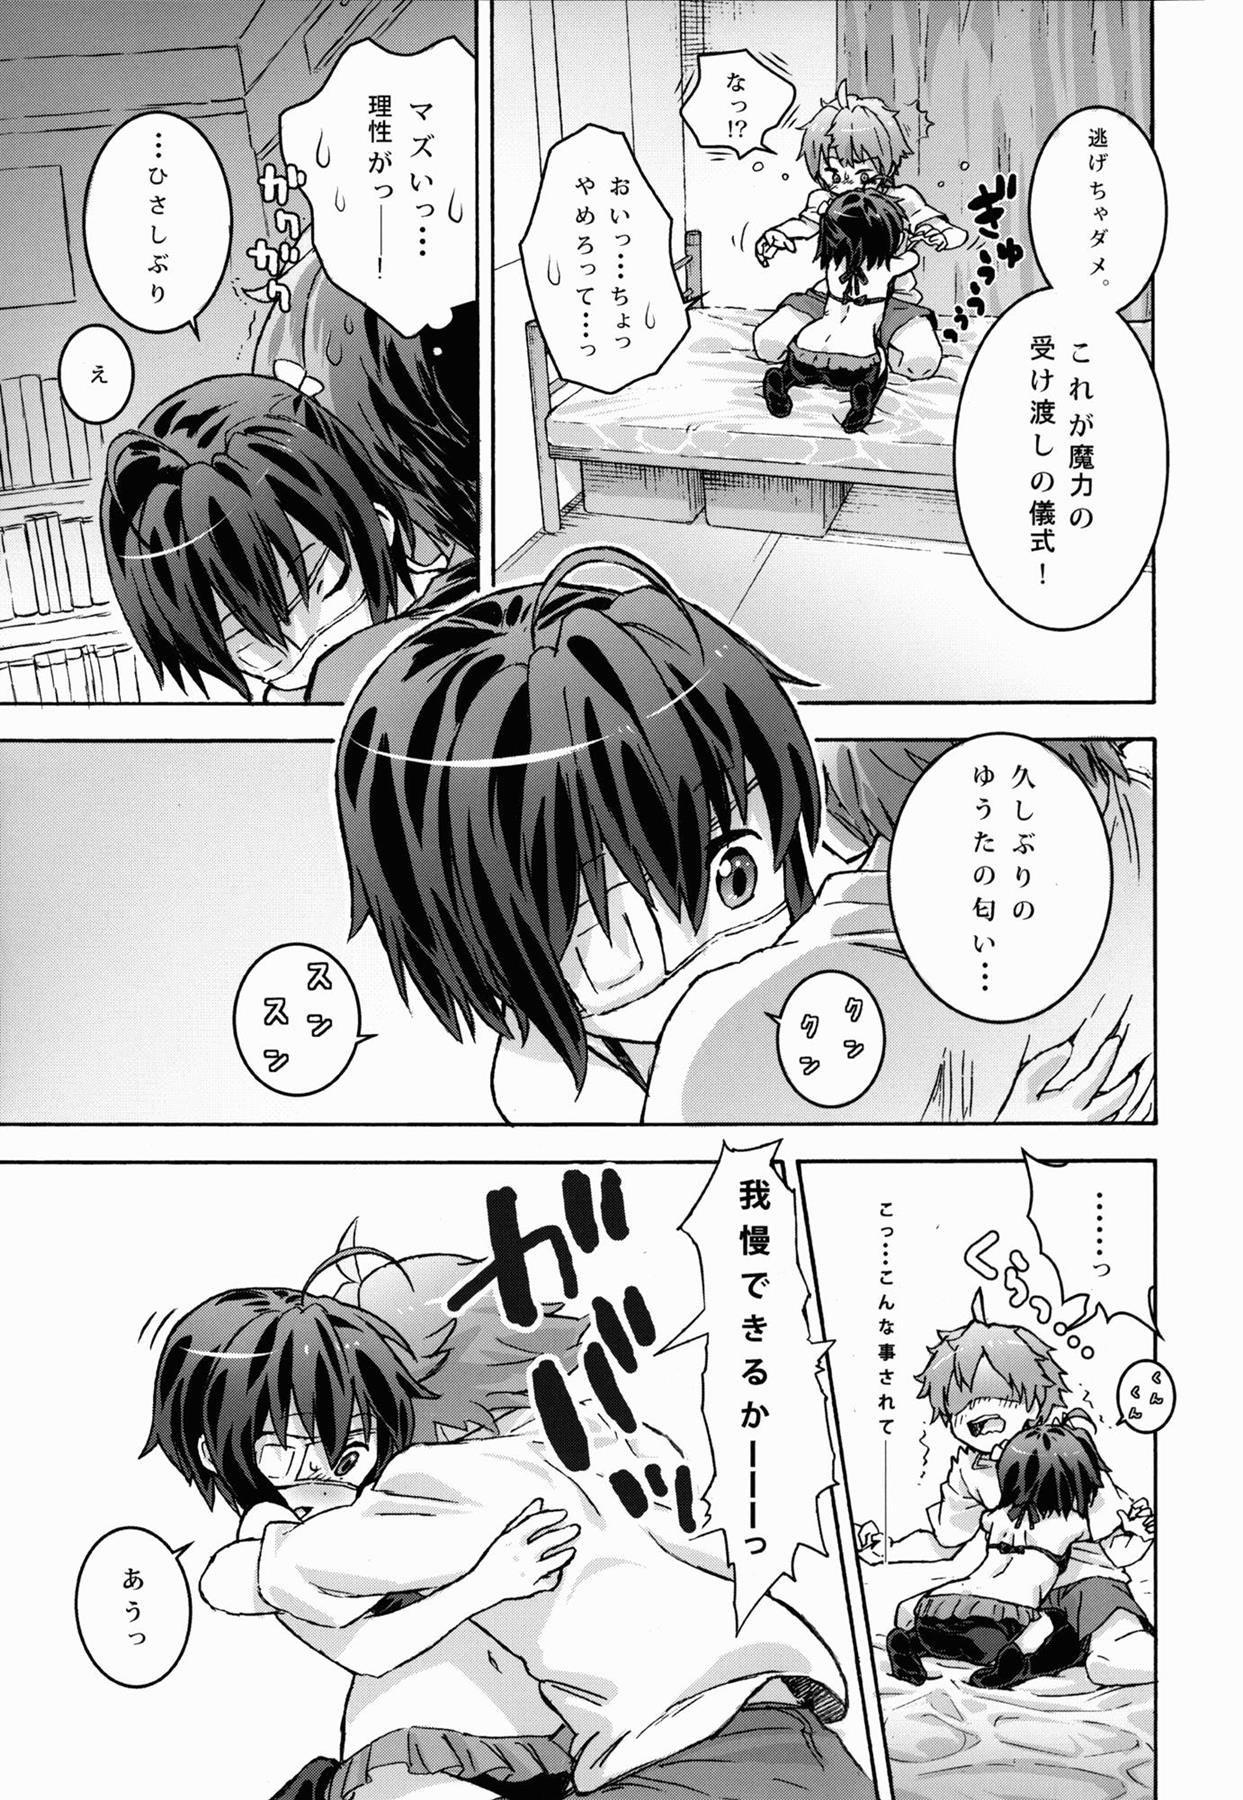 【エロ漫画】中二病でも恋がしたい! Hな水着で迫ってきた六花と気持ちよすぎるHな儀式♪